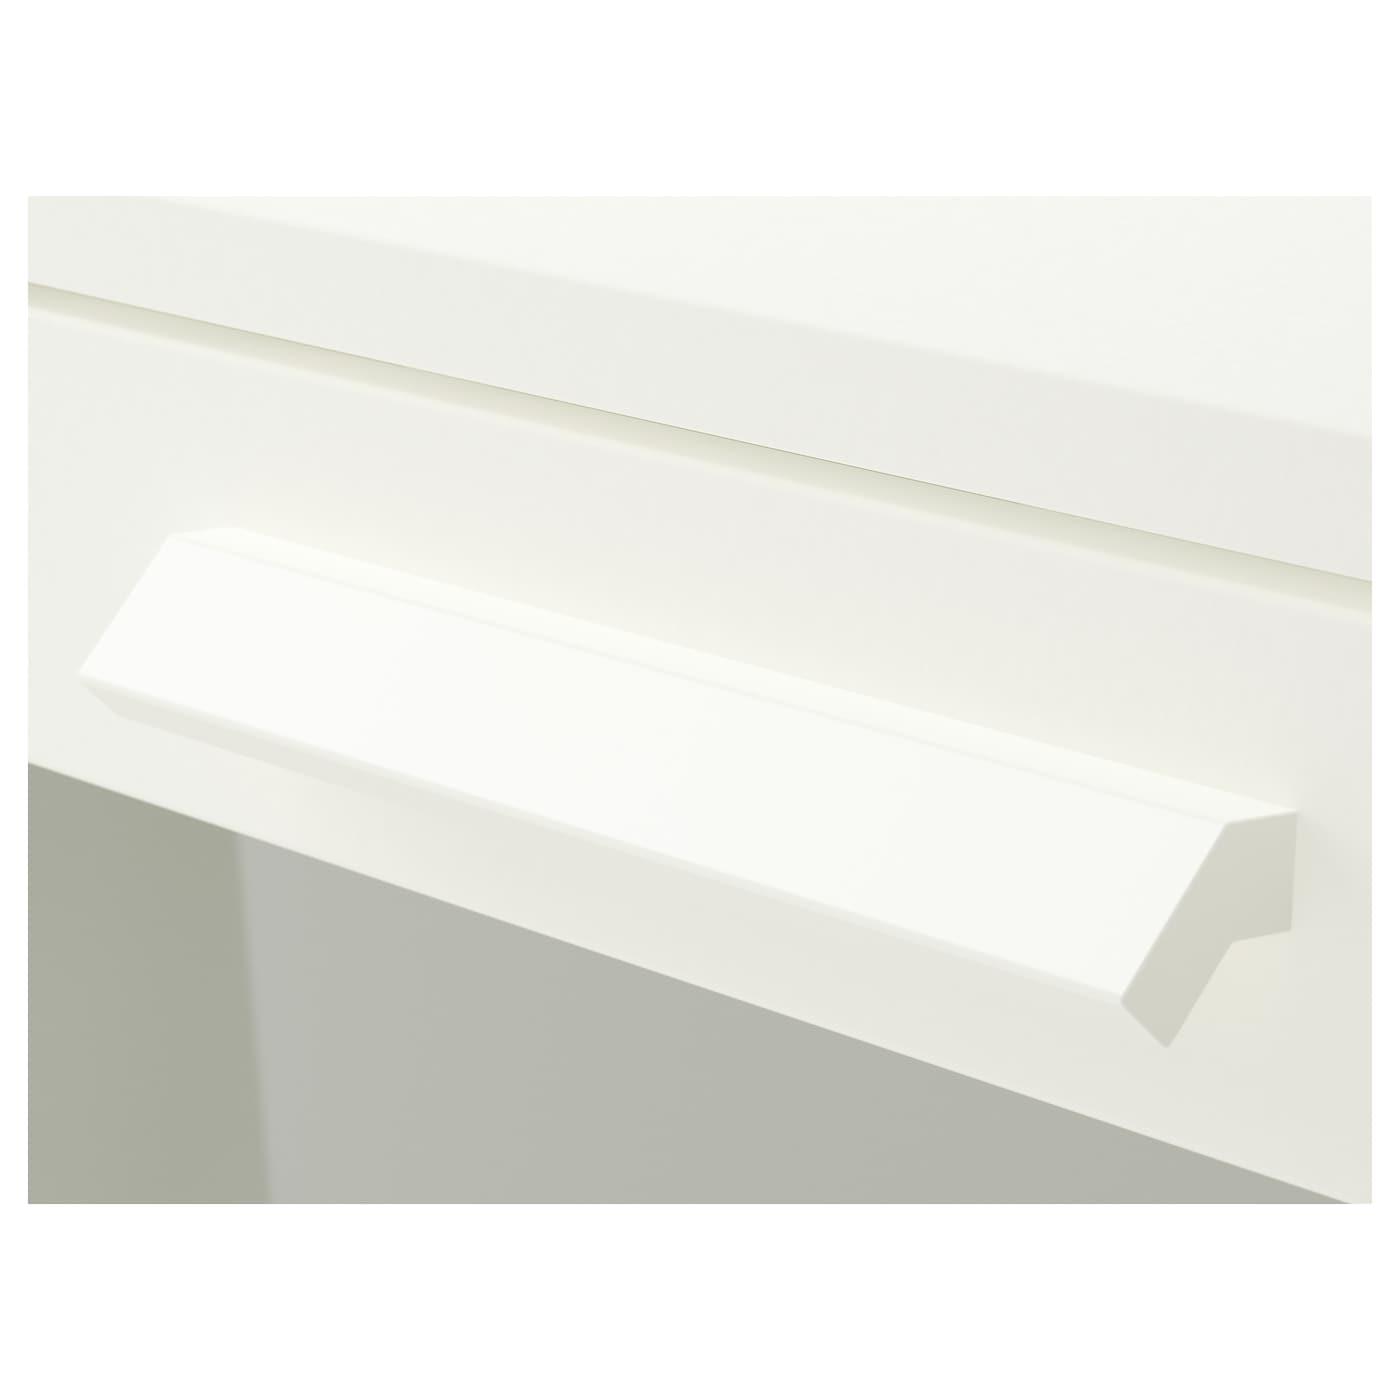 БРІМНЕС комод із 3 шухлядами білий/матове скло 78 см 46 см 95 см 70 см 36 см